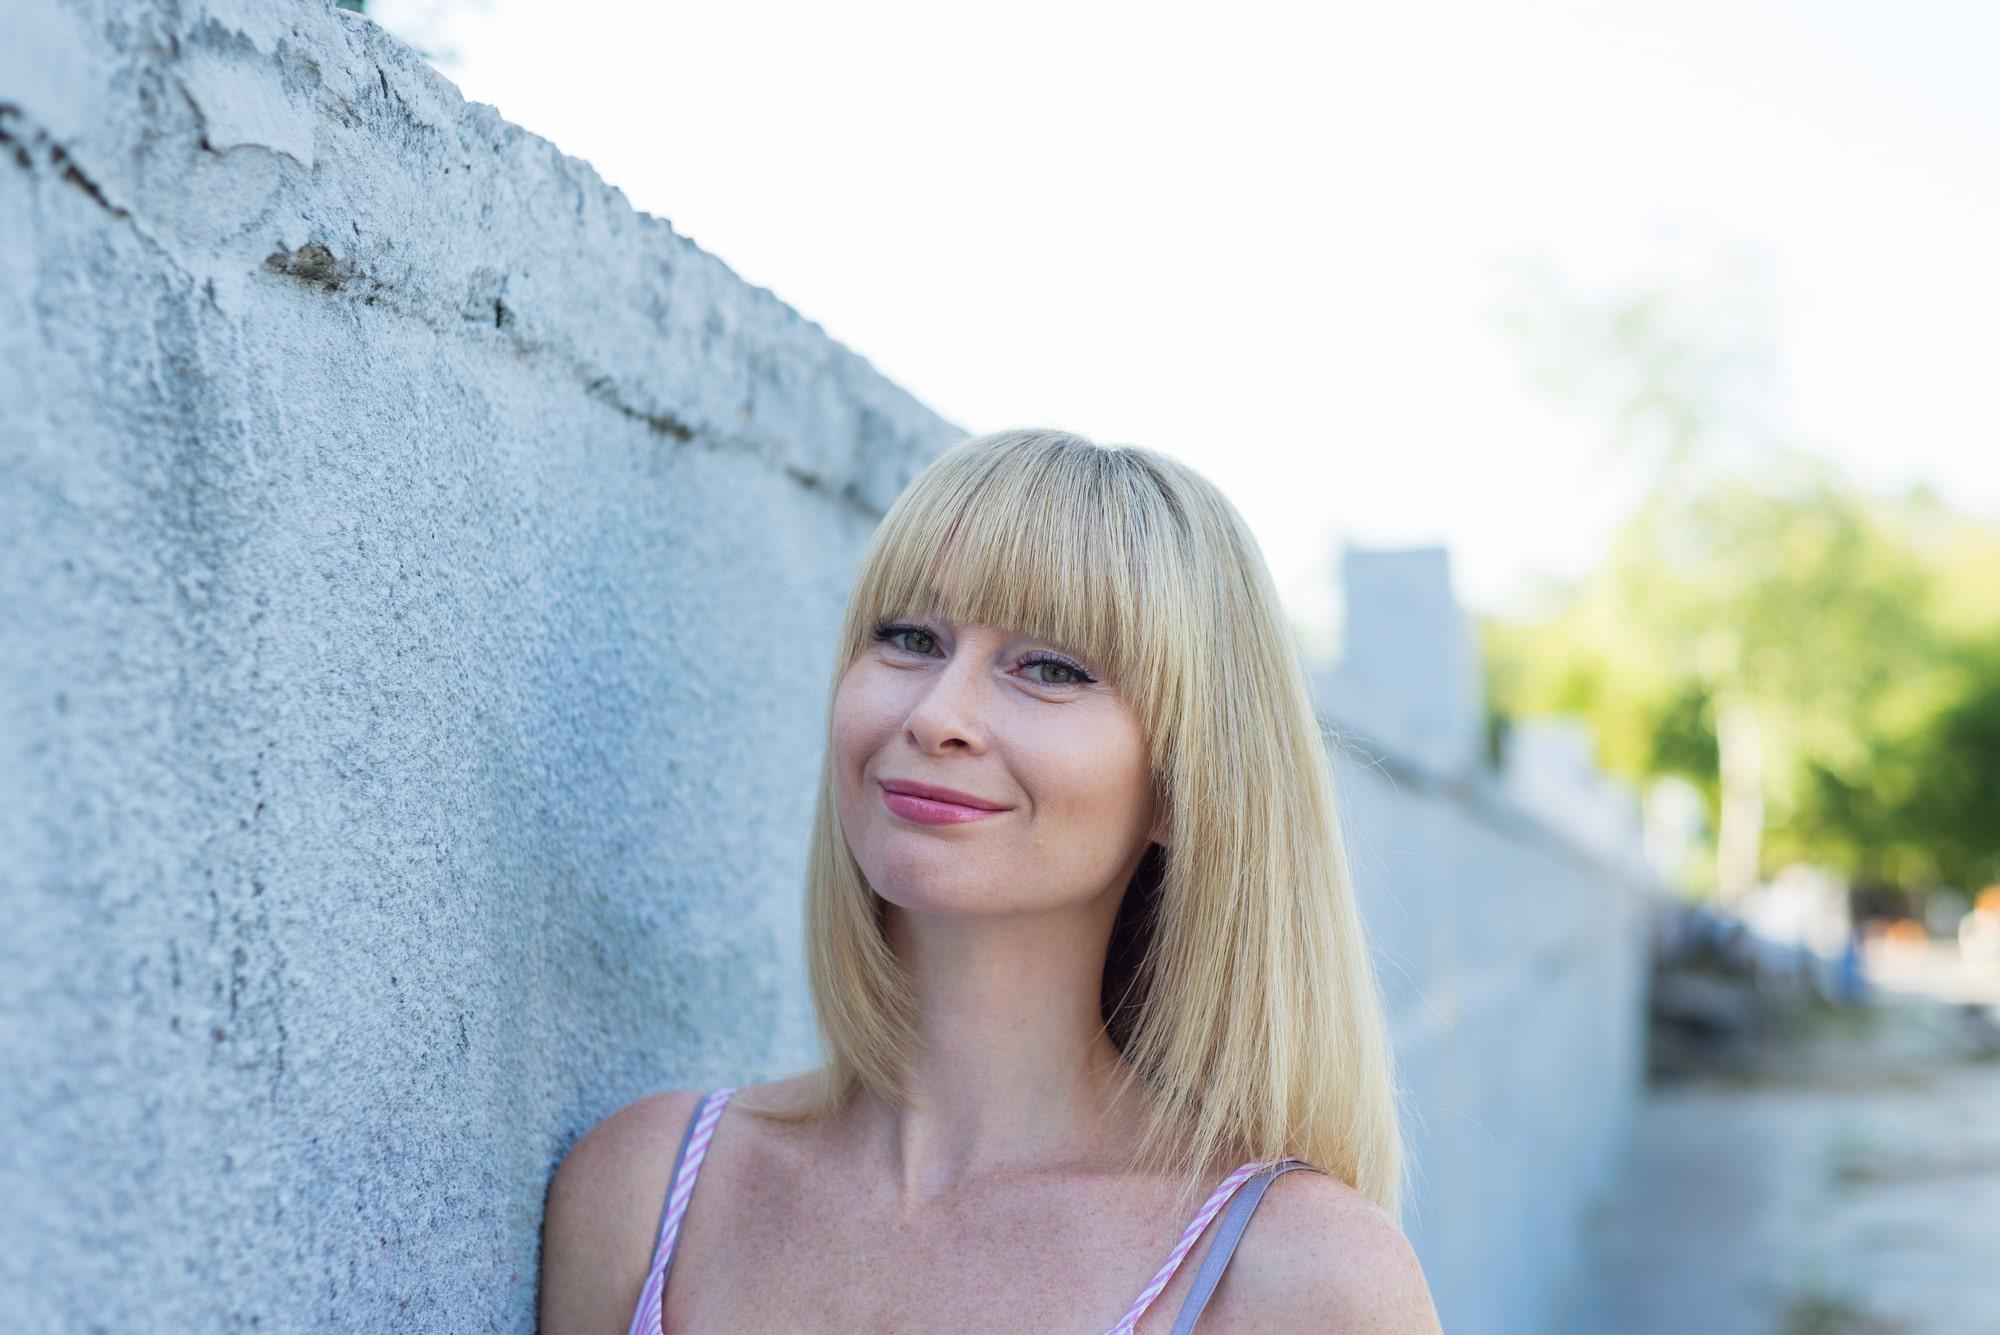 Фотосессия девушки возле реки Днепр - возле стены